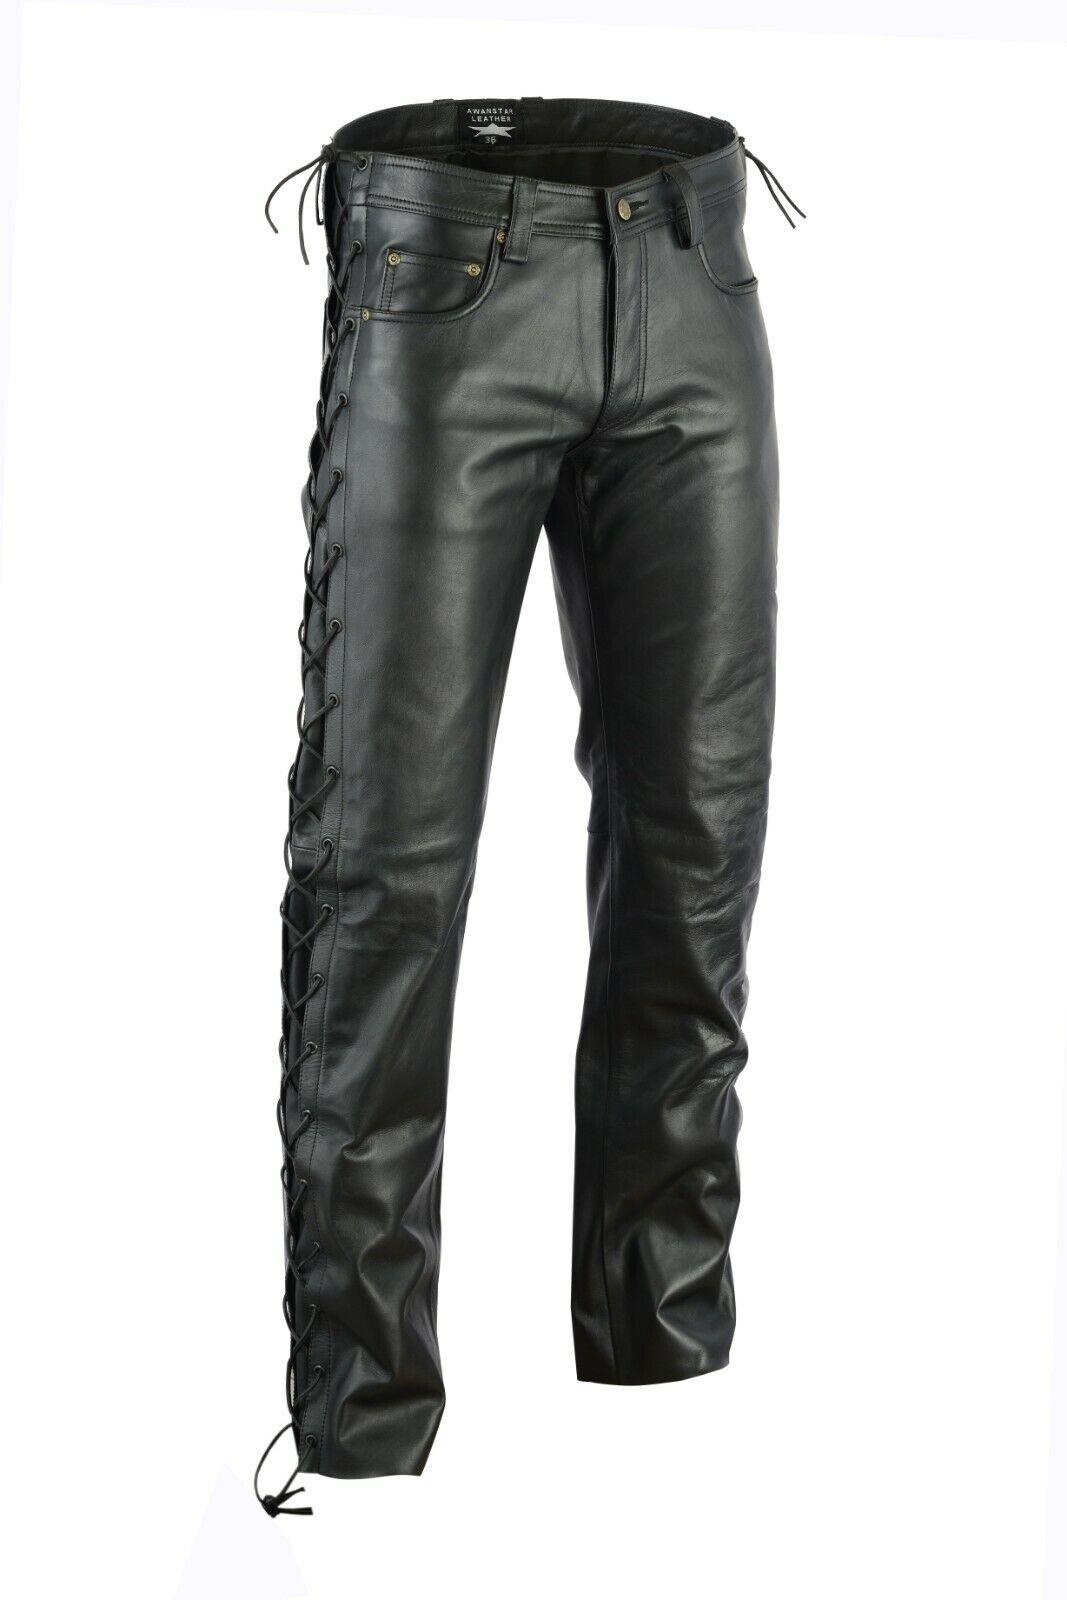 Awanstar zum schnürn Lederhose 5 Pockets Jeans leather Pants Motorrad leder hose